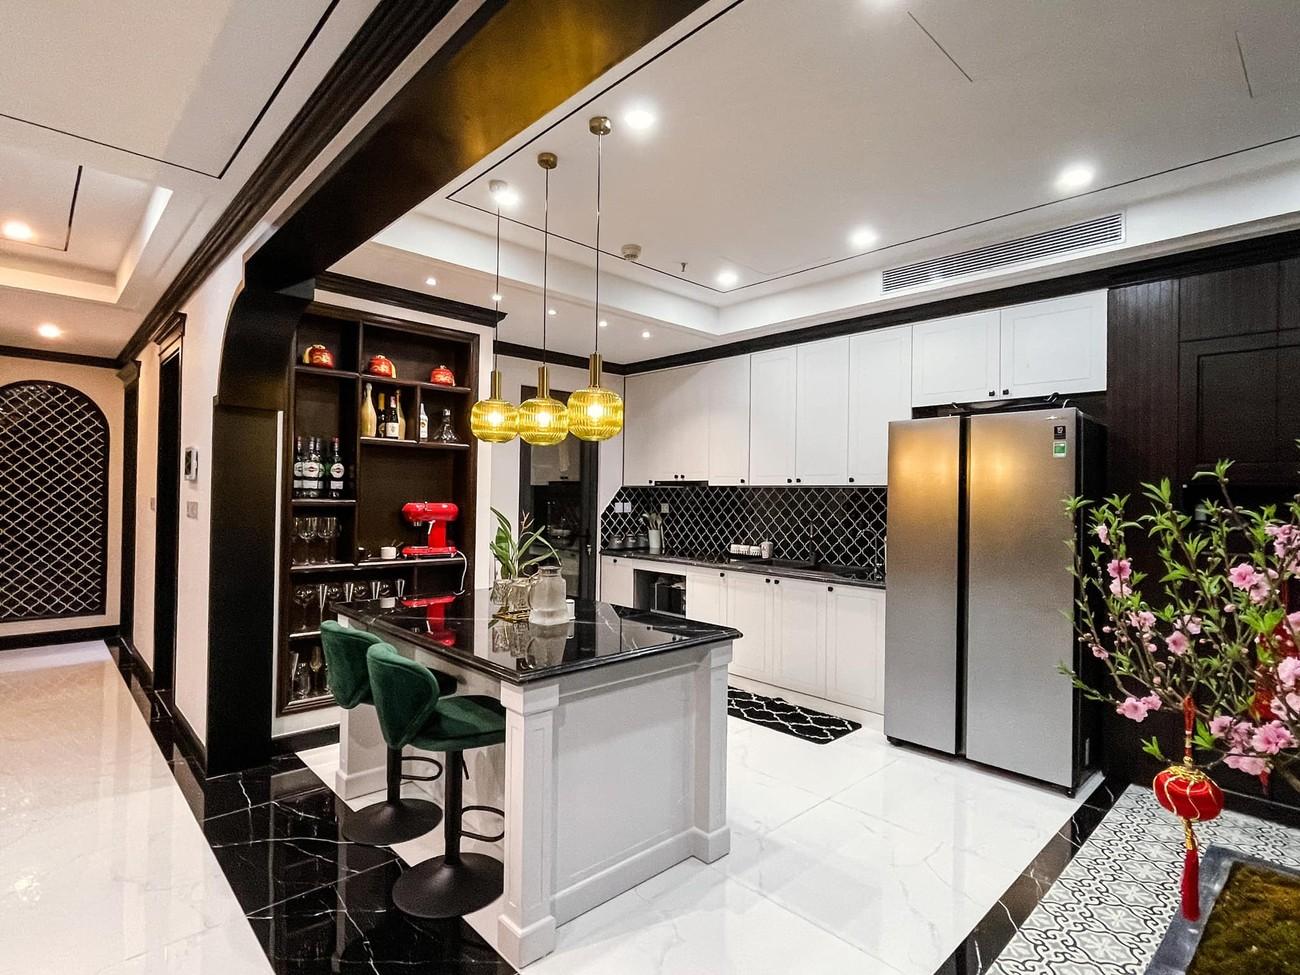 Cận cảnh căn hộ cao cấp, sang trọng như khách sạn của 'Quỳnh búp bê' Phương Oanh ảnh 4